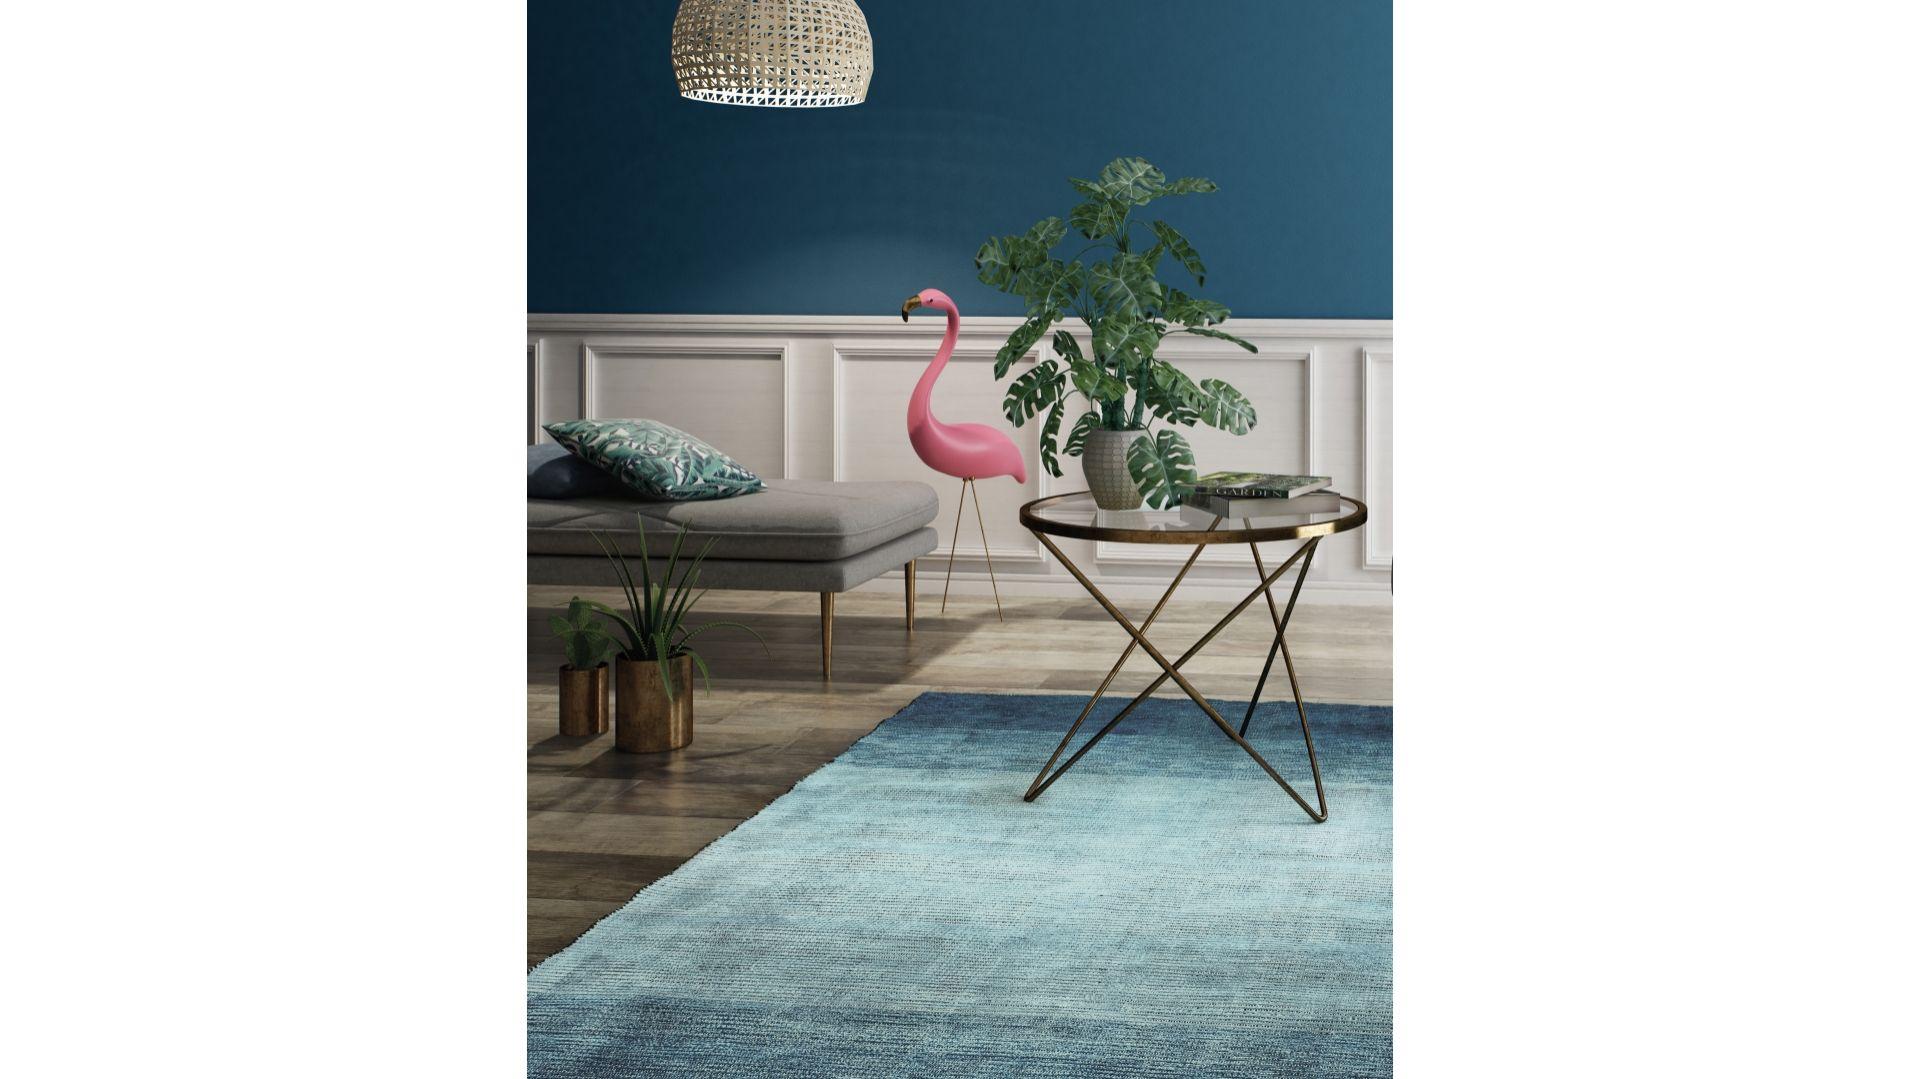 Sven - tkanina łatwoczyszcząca z kolekcji Magic Home/Fargotex. Produkt zgłoszony do konkursu Dobry Design 2019.